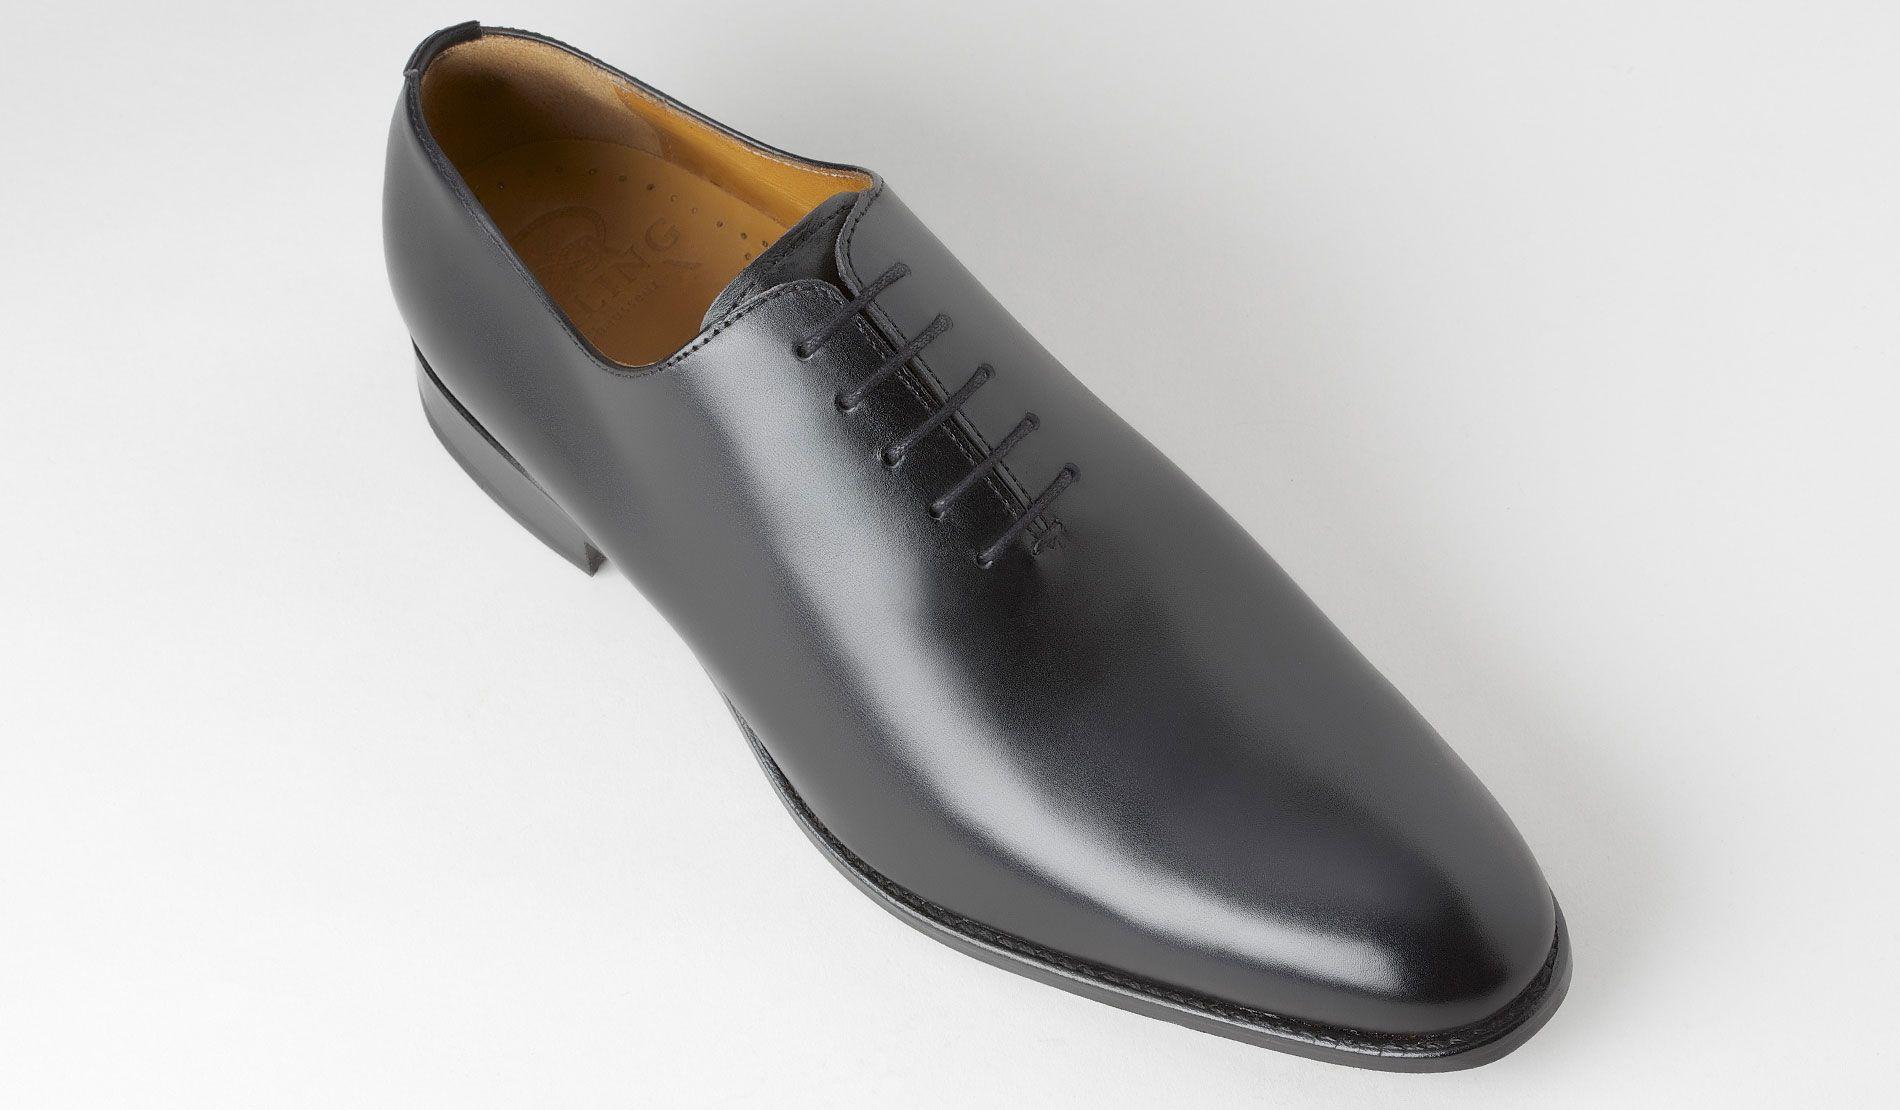 http://www.emling.fr/images/articles/chaussures_homme_luxe_richelieu_ville_kendrick_noir_2_z.jpg